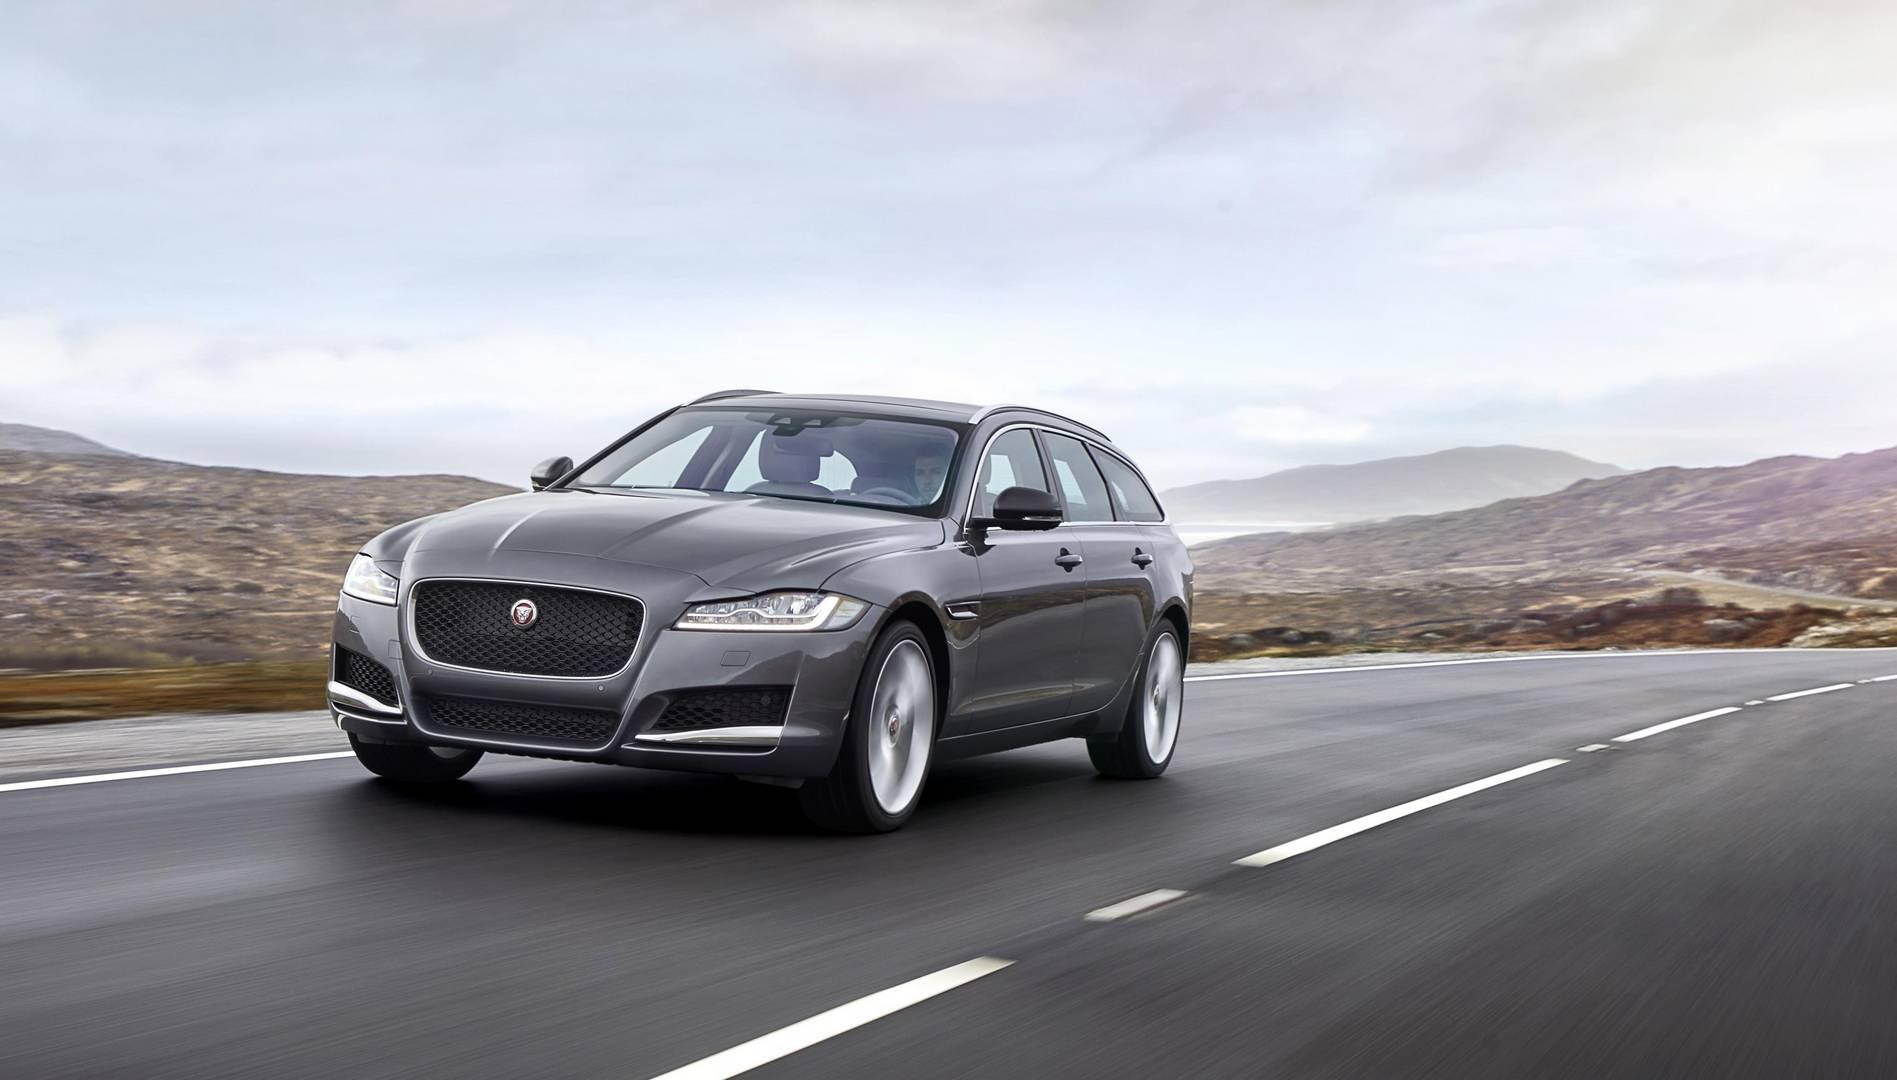 Jaguar также предложит различные диапазоны двигателей на разных рынках.